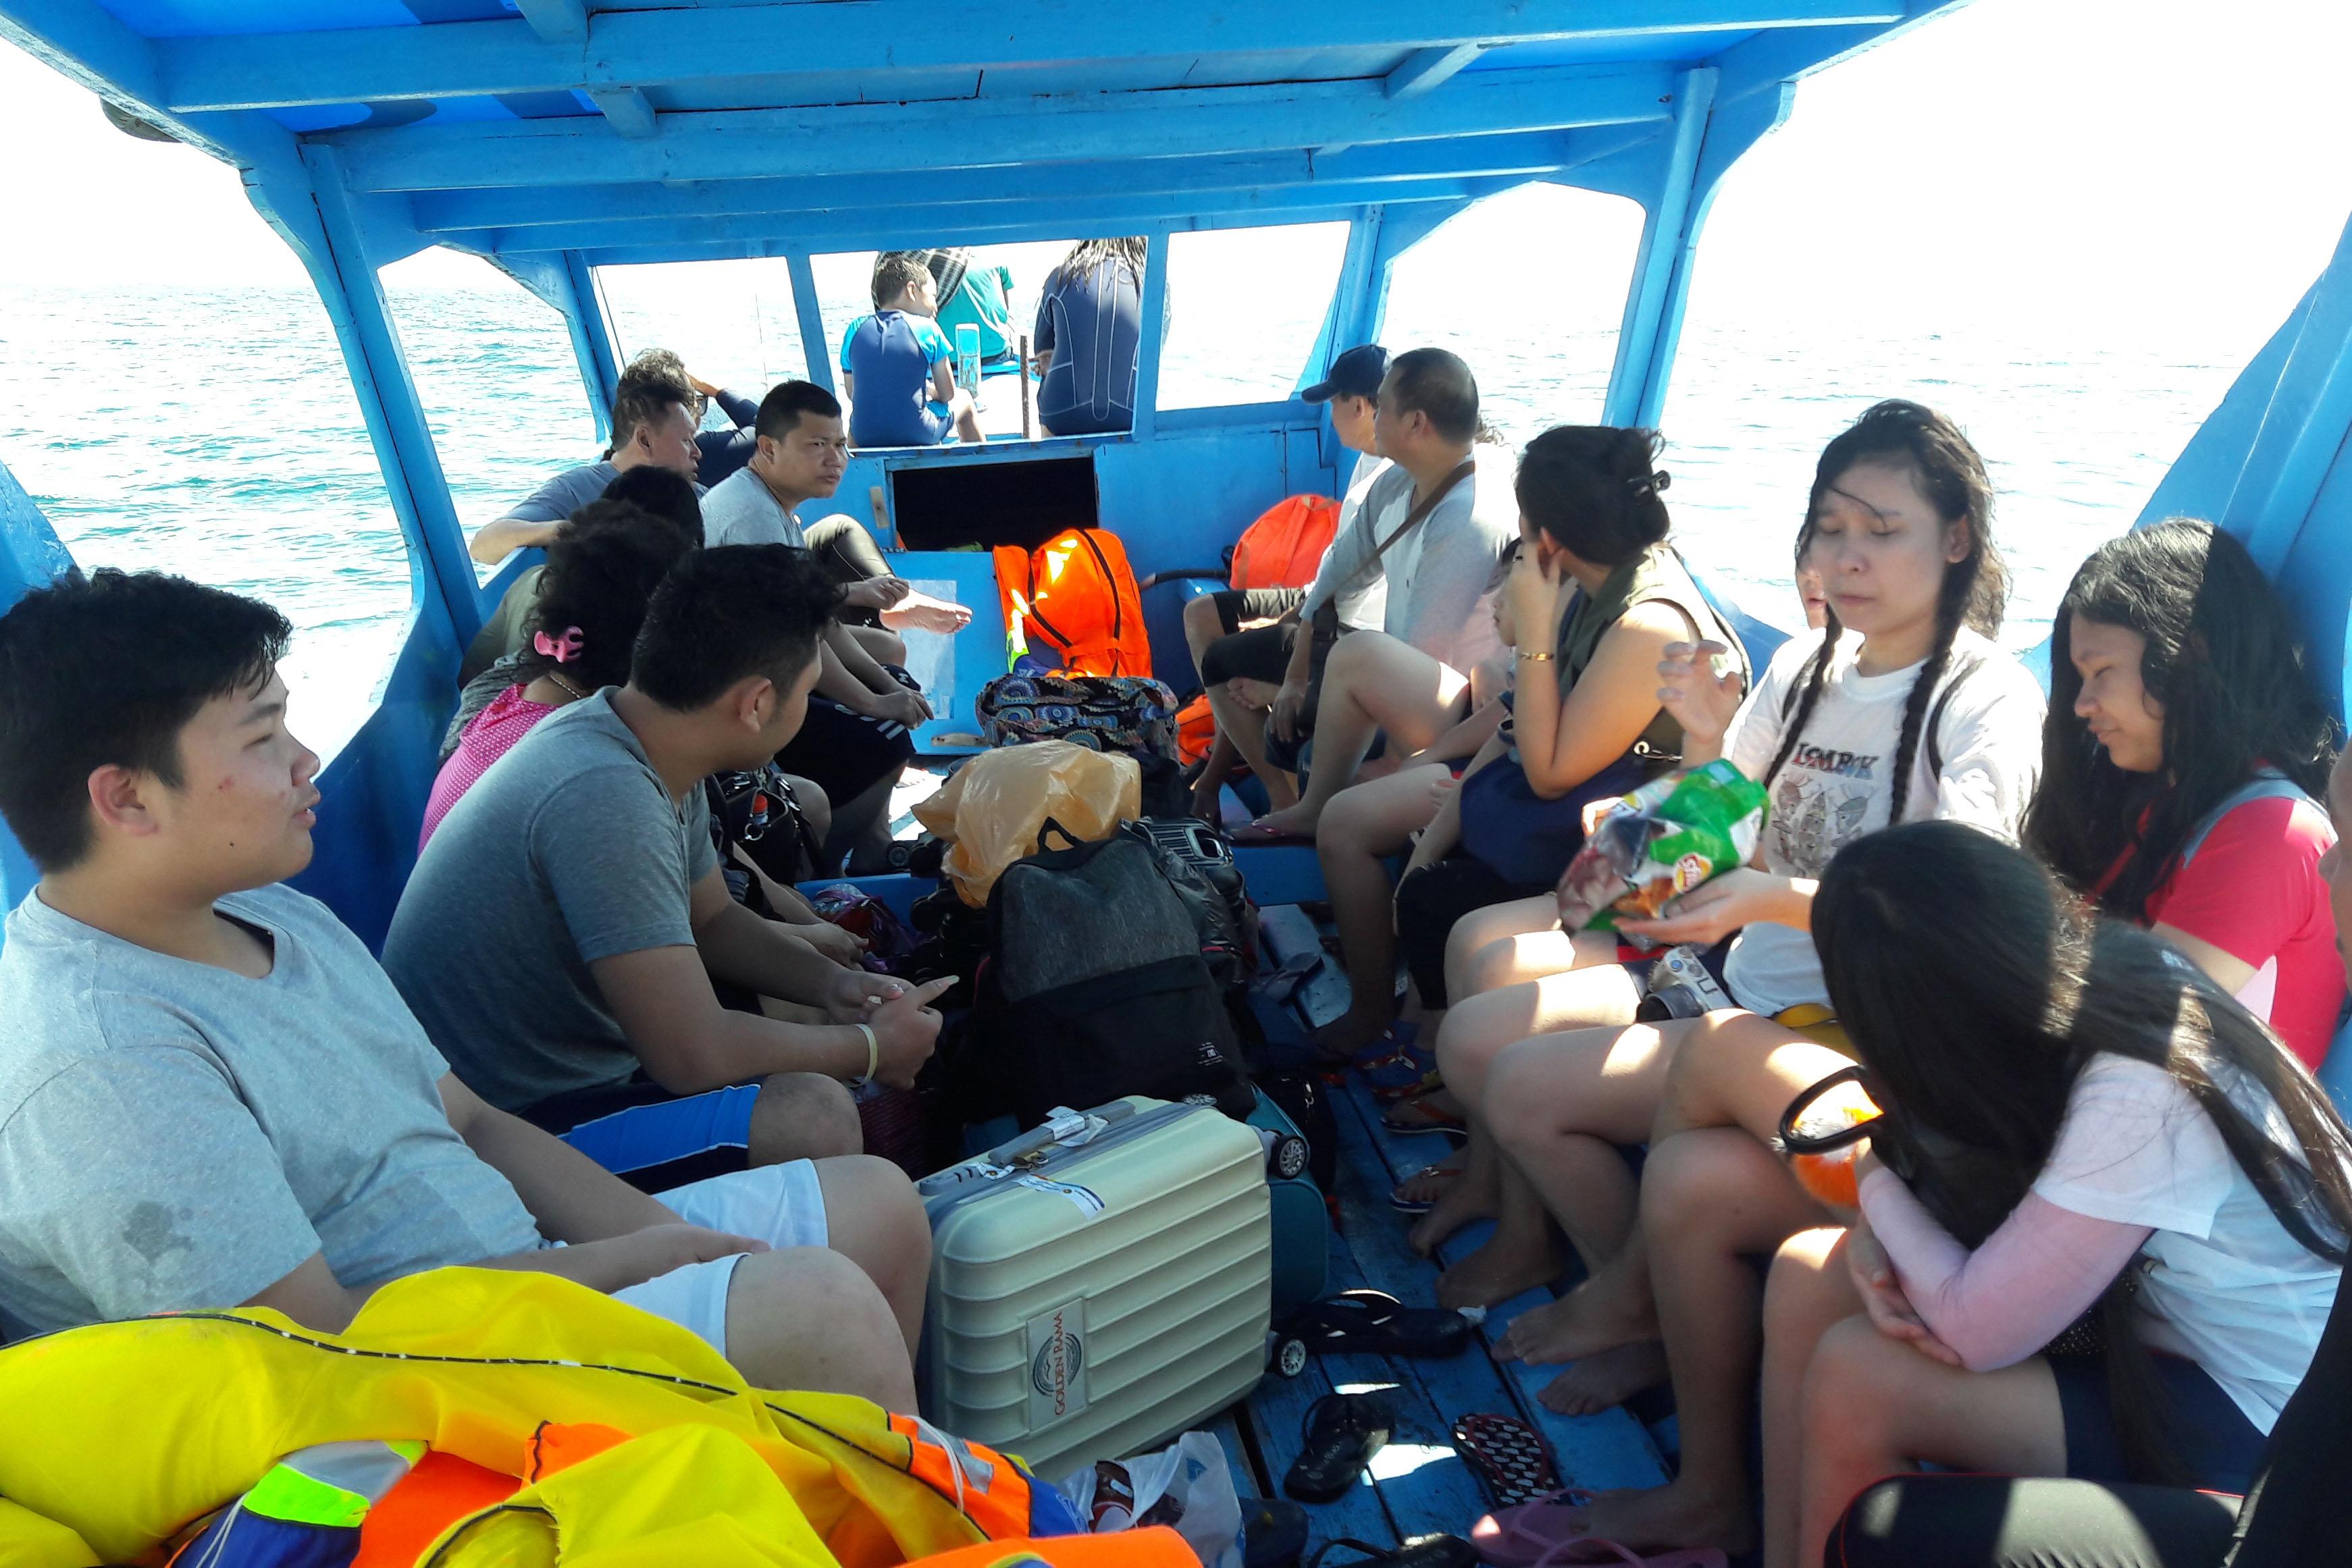 Daftar Harga Paket Tour Gili Trawangan 4H/3M